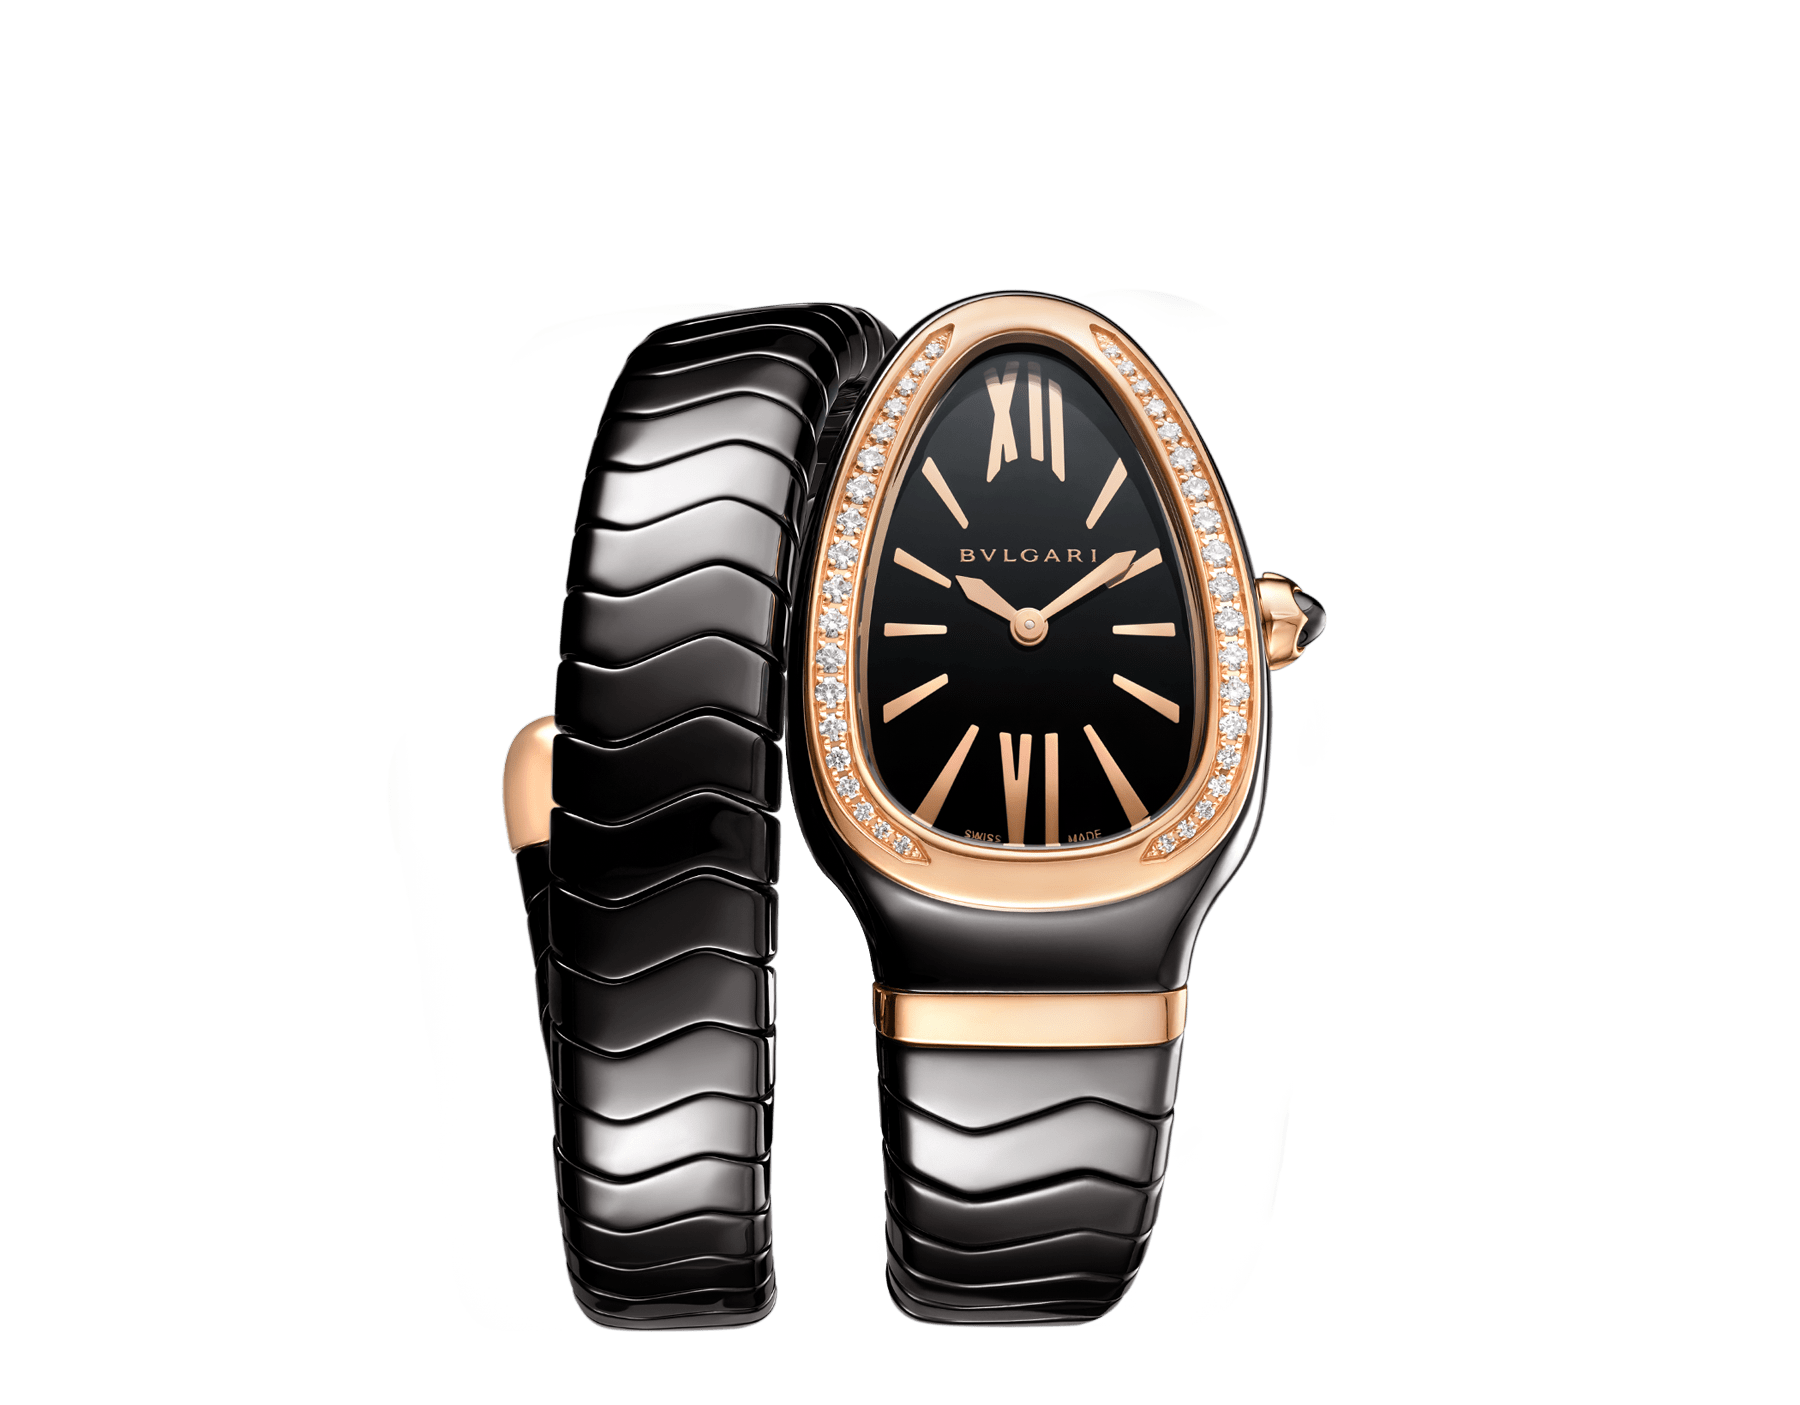 Montre Serpenti Spiga avec boîtier en céramique noire, lunette en or rose 18K sertie de diamants taille brillant, cadran laqué noir, bracelet une spirale en céramique noire avec éléments en or rose 18K. 102532 image 1